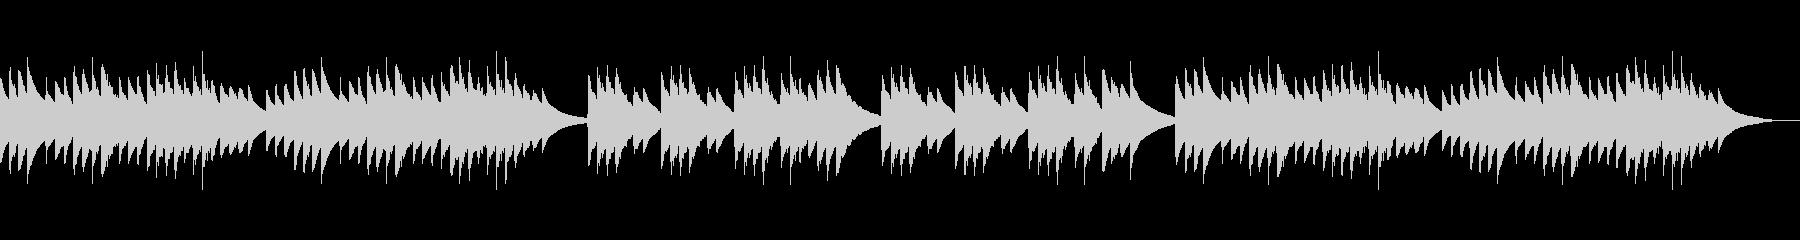 さわやかなオルゴール風の曲の未再生の波形